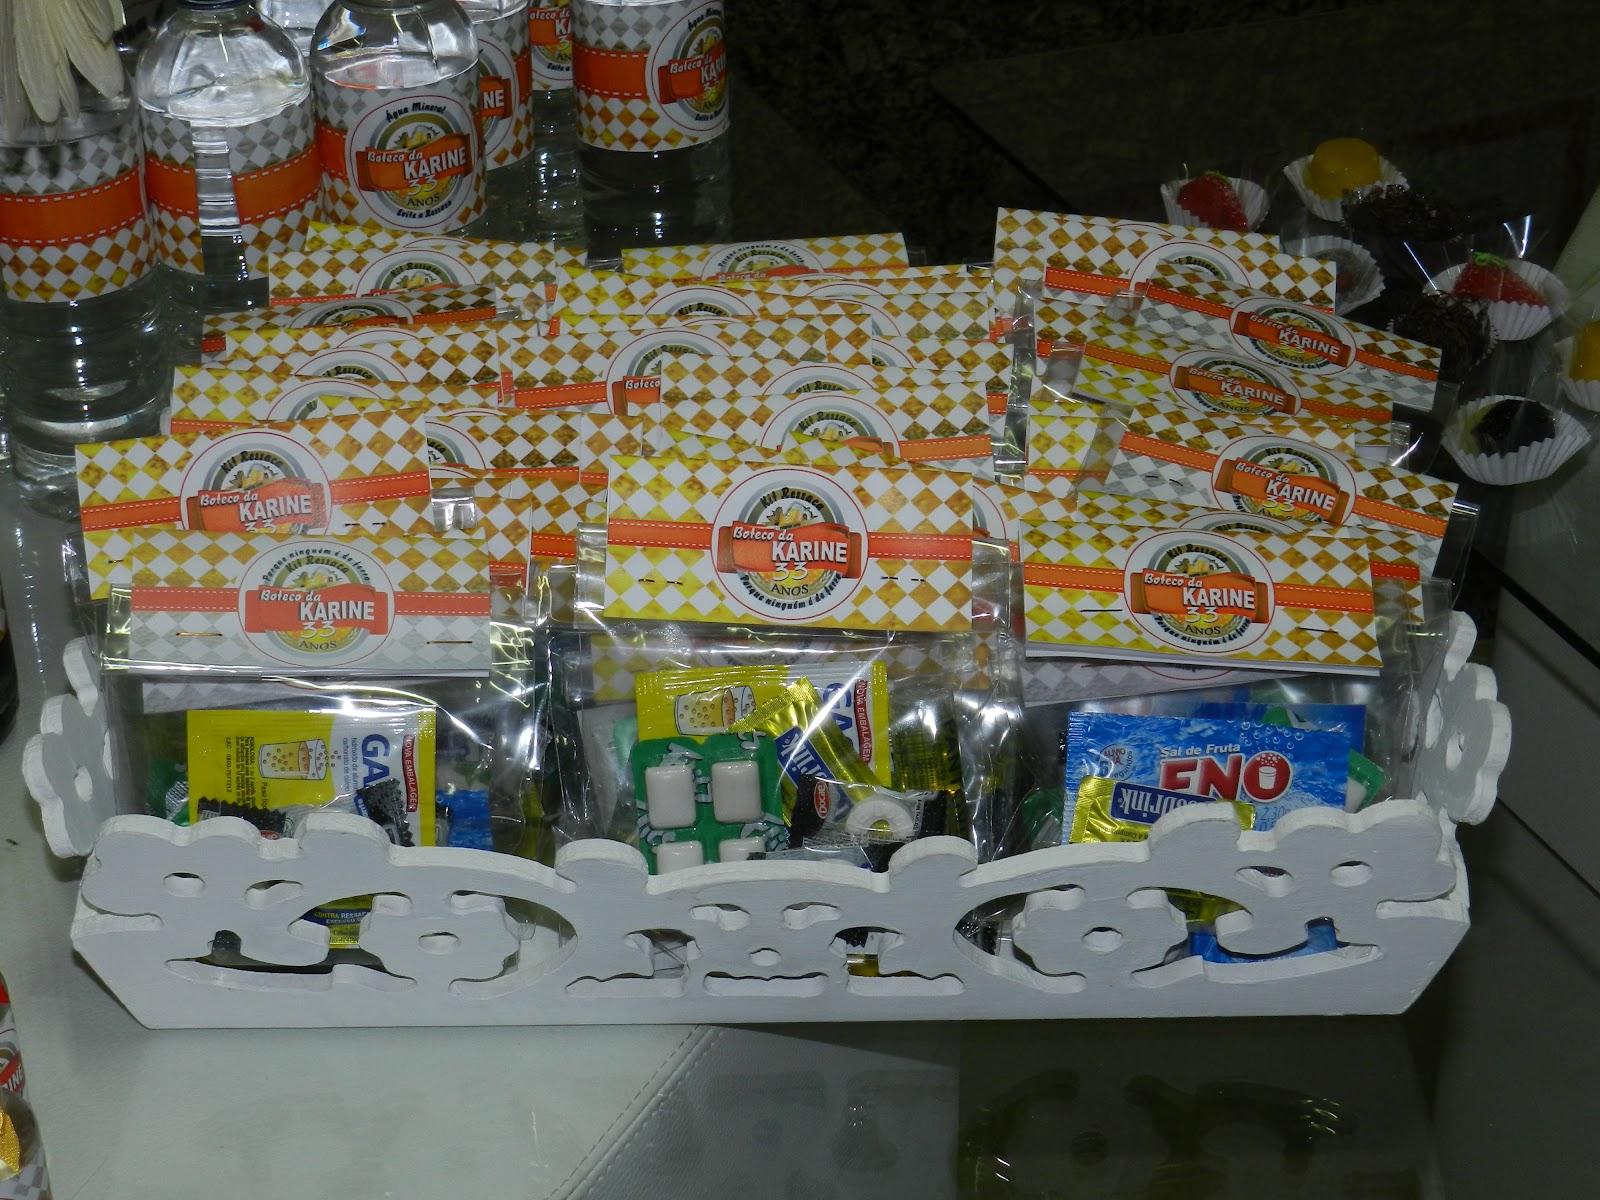 decoracao boteco brahma : decoracao boteco brahma:melhor da festa, KIT RESSACA (sal de fruta eno,epocler,bala menta